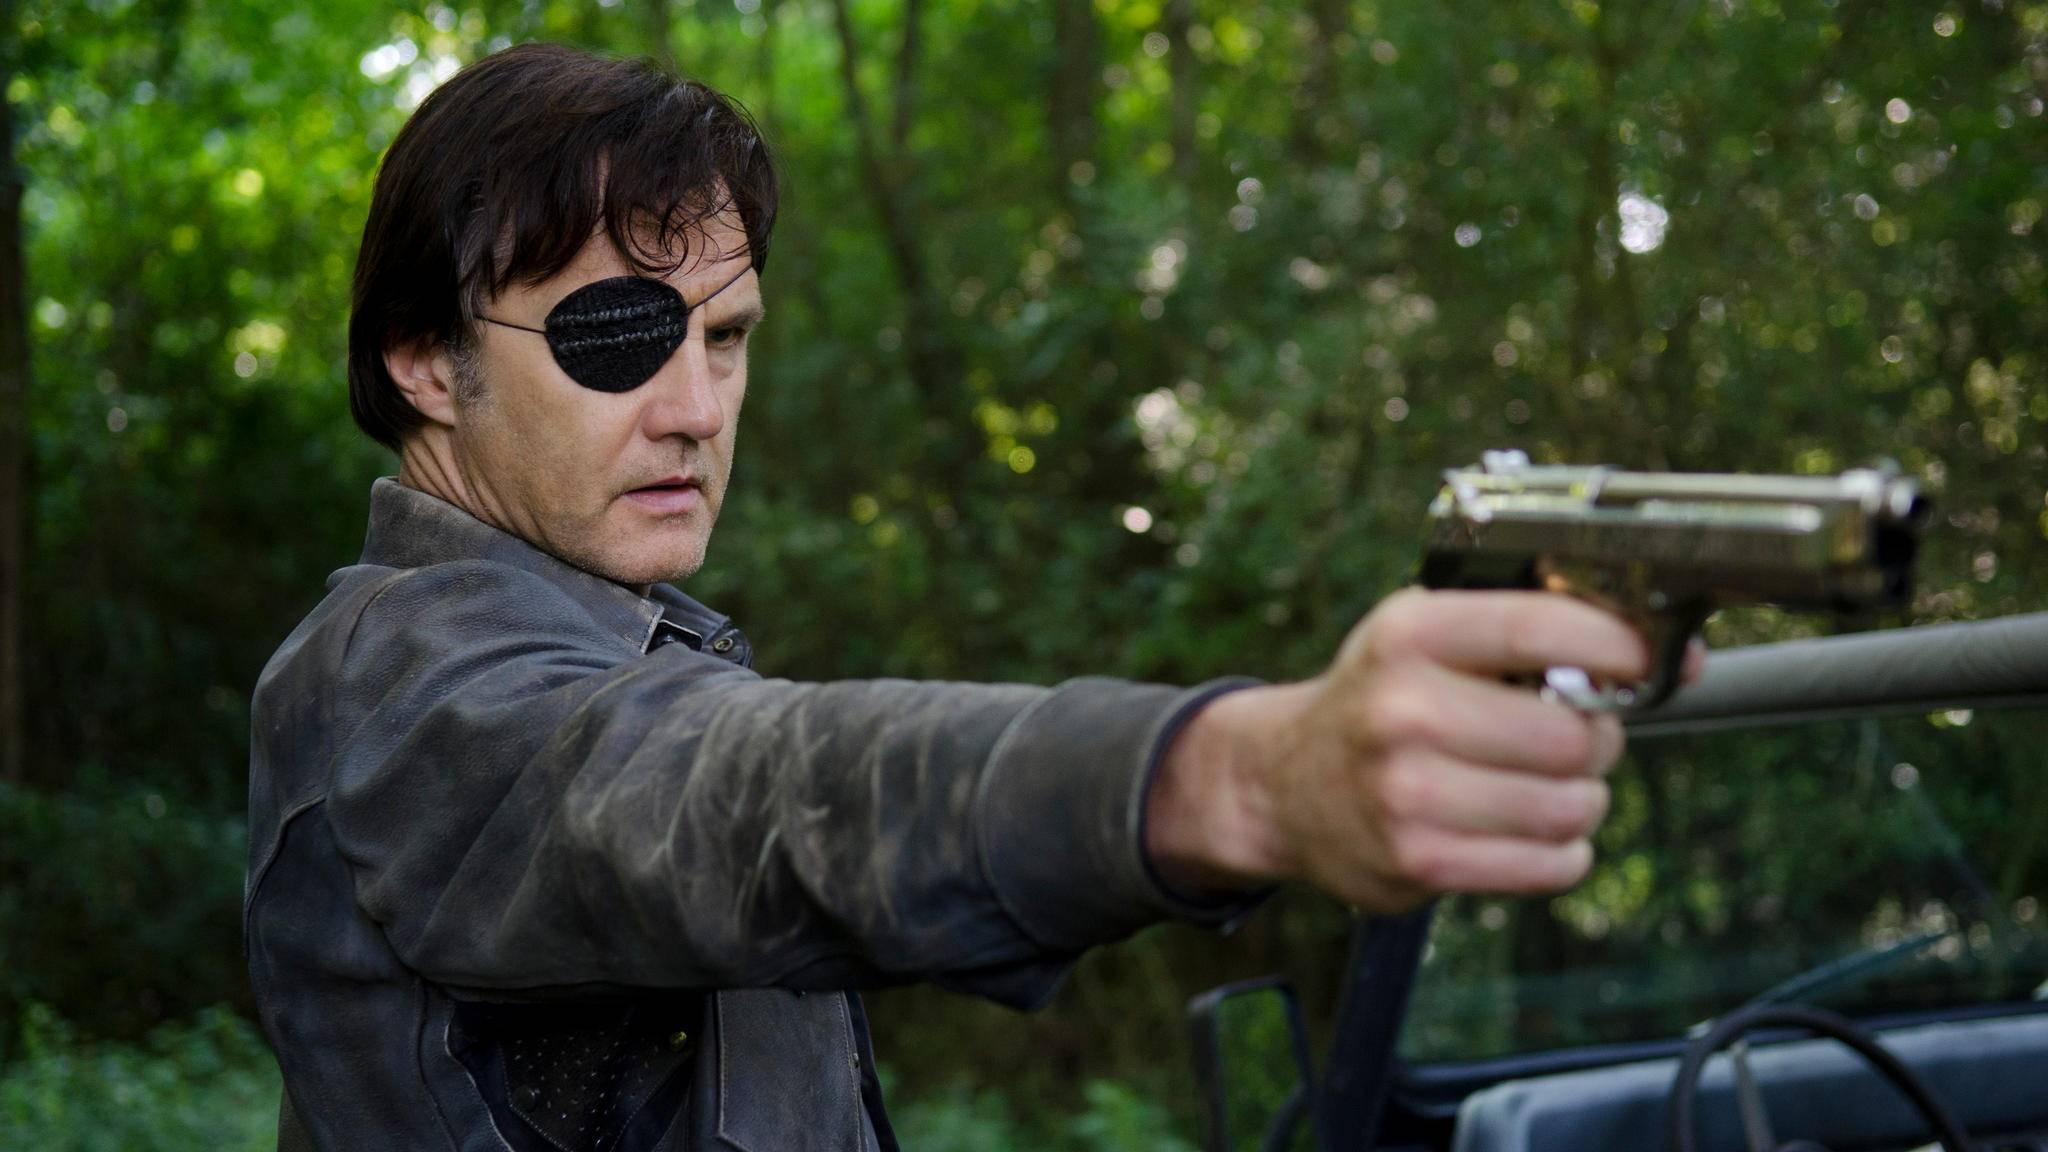 """Ein Spin-off zum """"The Walking Dead""""-Bösewicht dem Governor? Warum nicht!"""